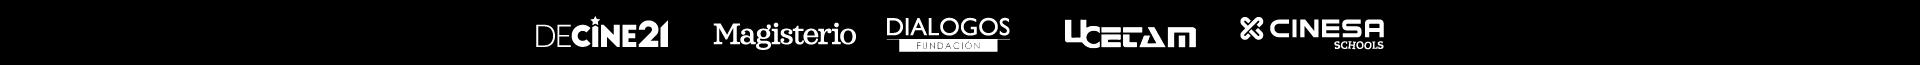 patrocinadores www.decine21.com, www.fundaciondialogos.com